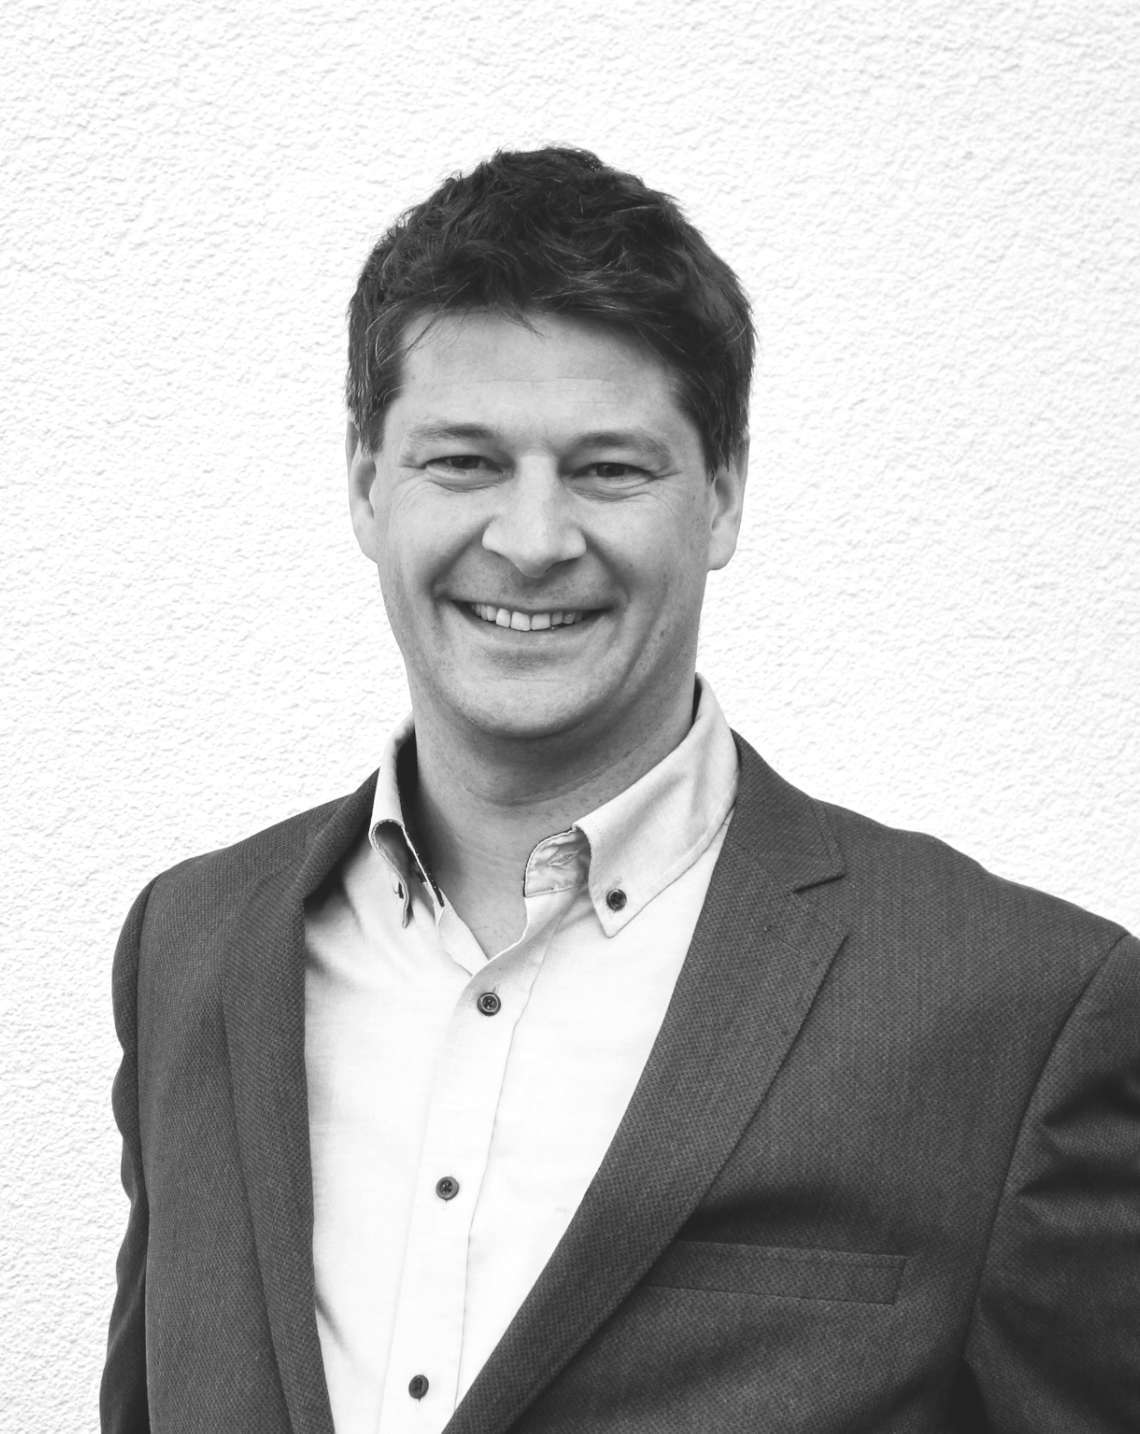 Tobias Lauer, stellvertretender Leiter des Diakonischen Werks Bergstraße. Foto: Beate Preuss